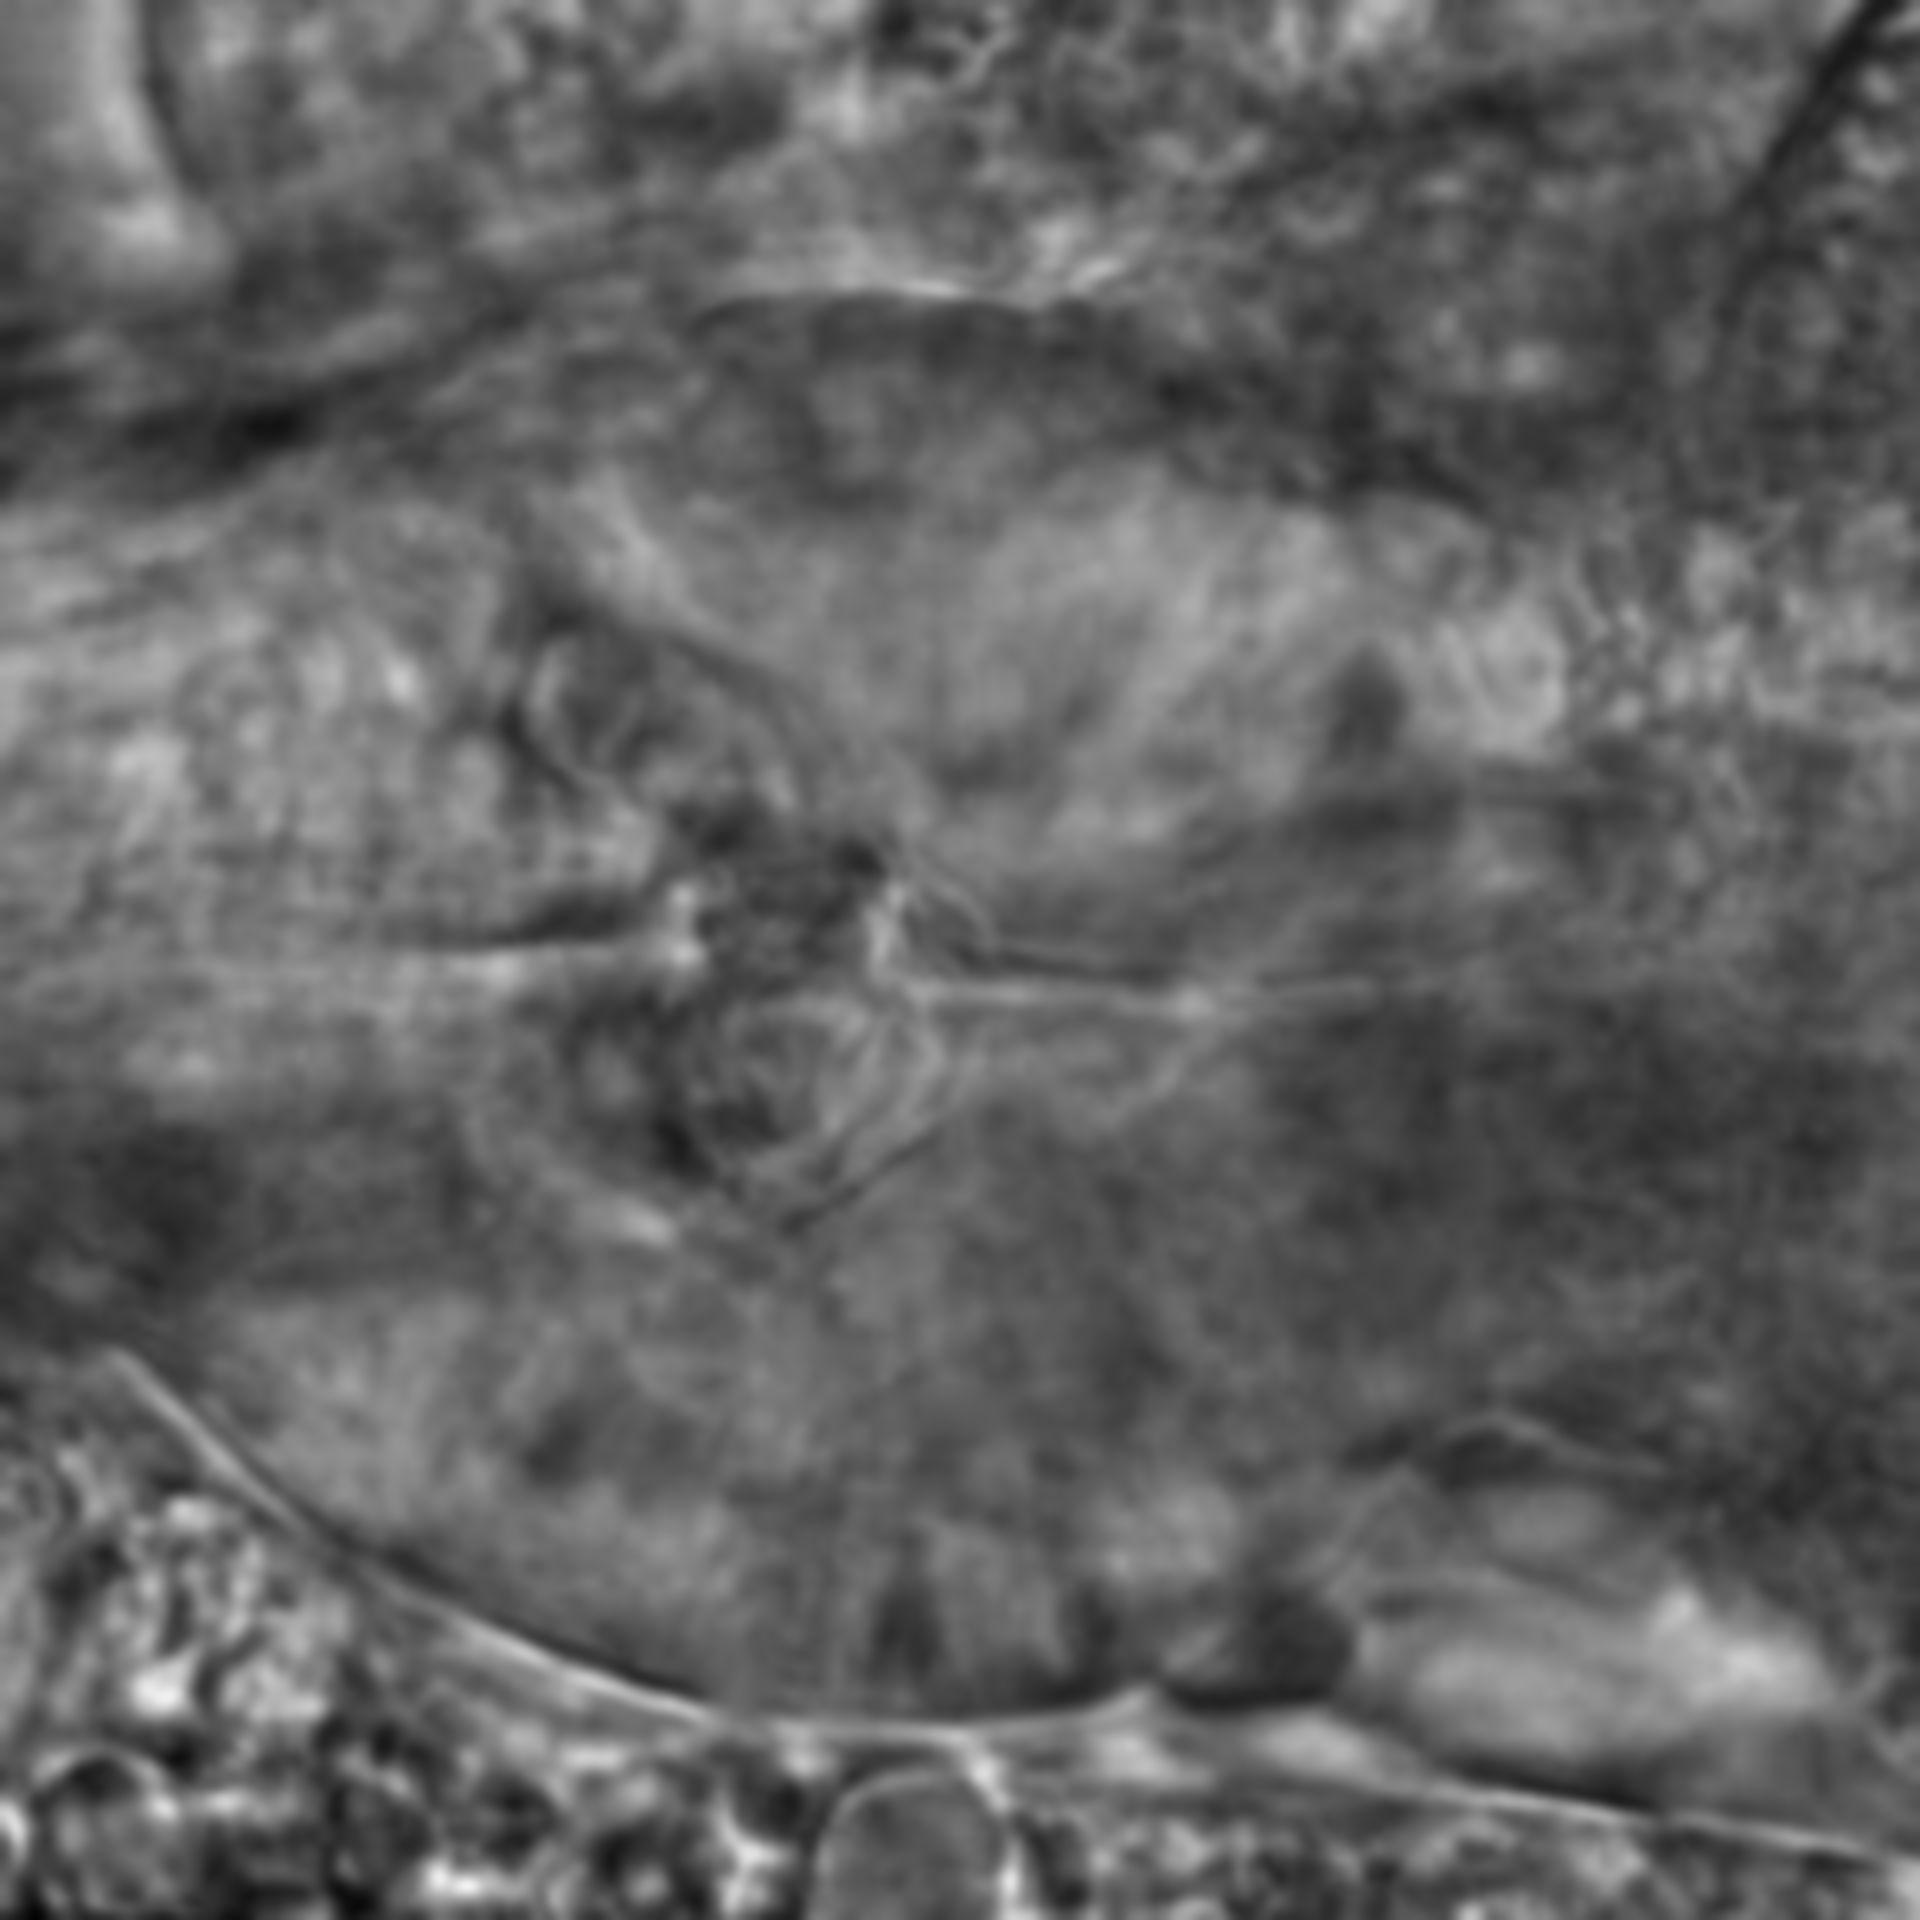 Caenorhabditis elegans - CIL:2129